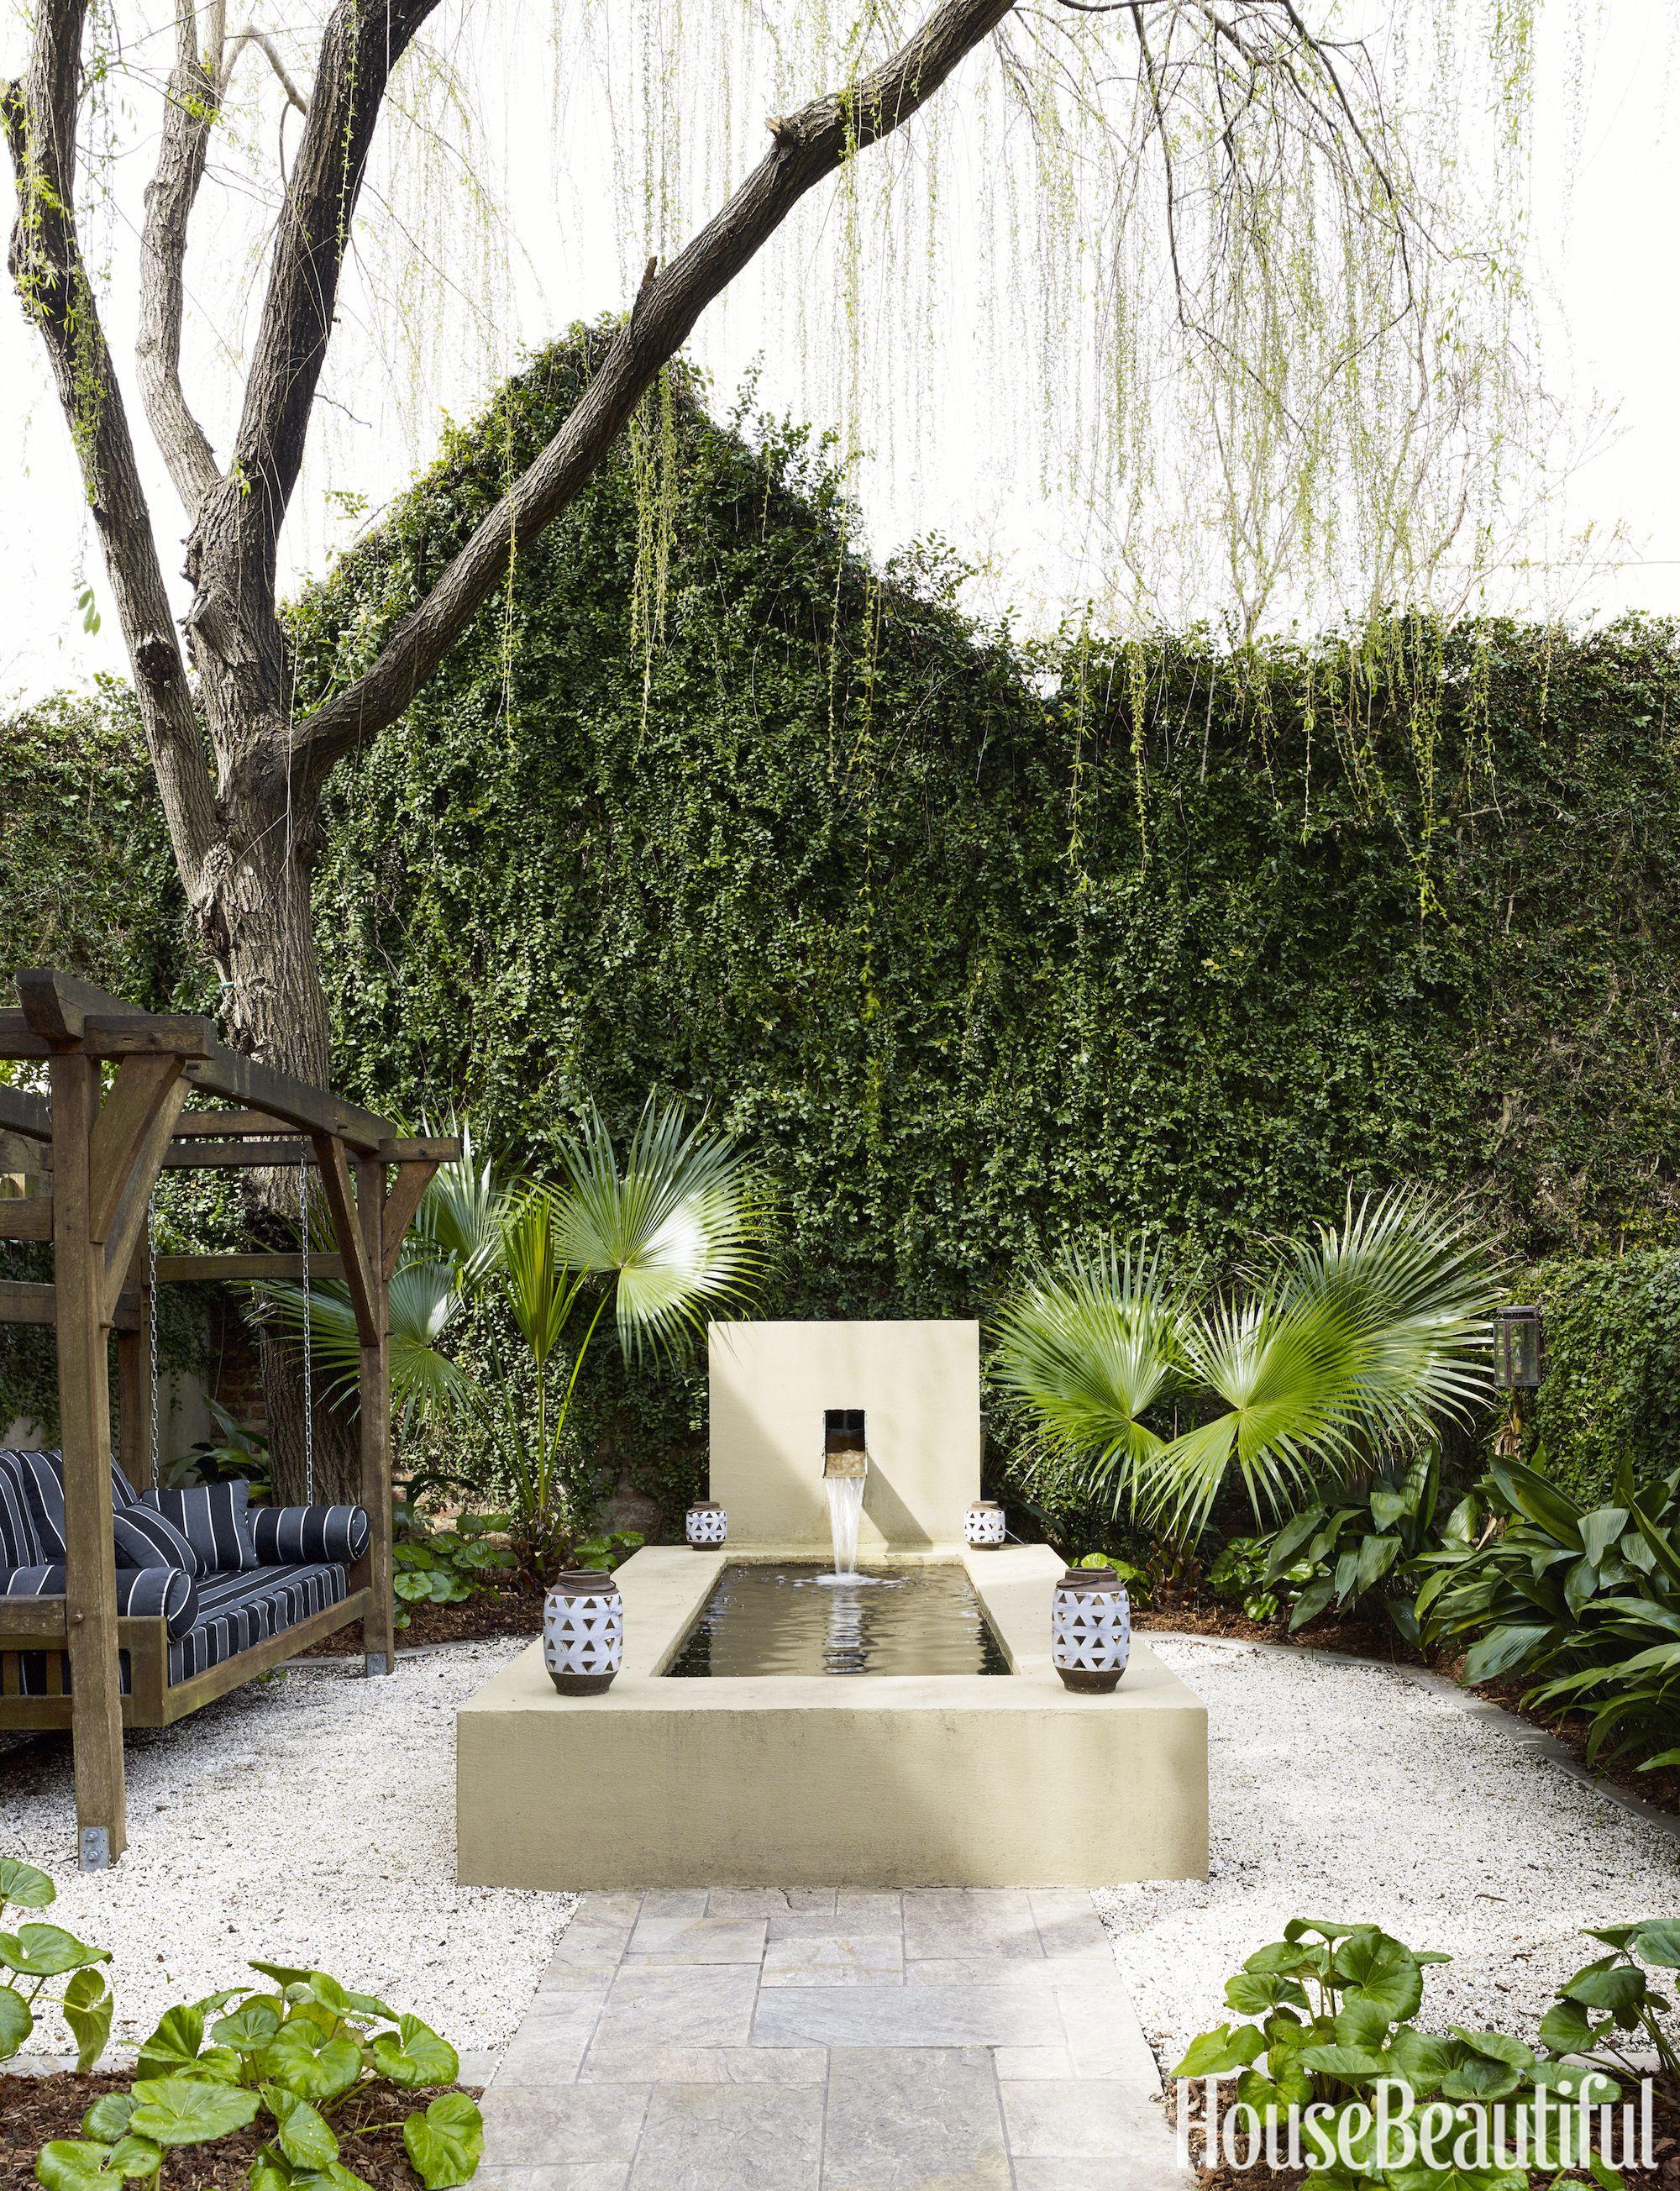 Home Fountain Design. Björn Wallander. Garden Fountain